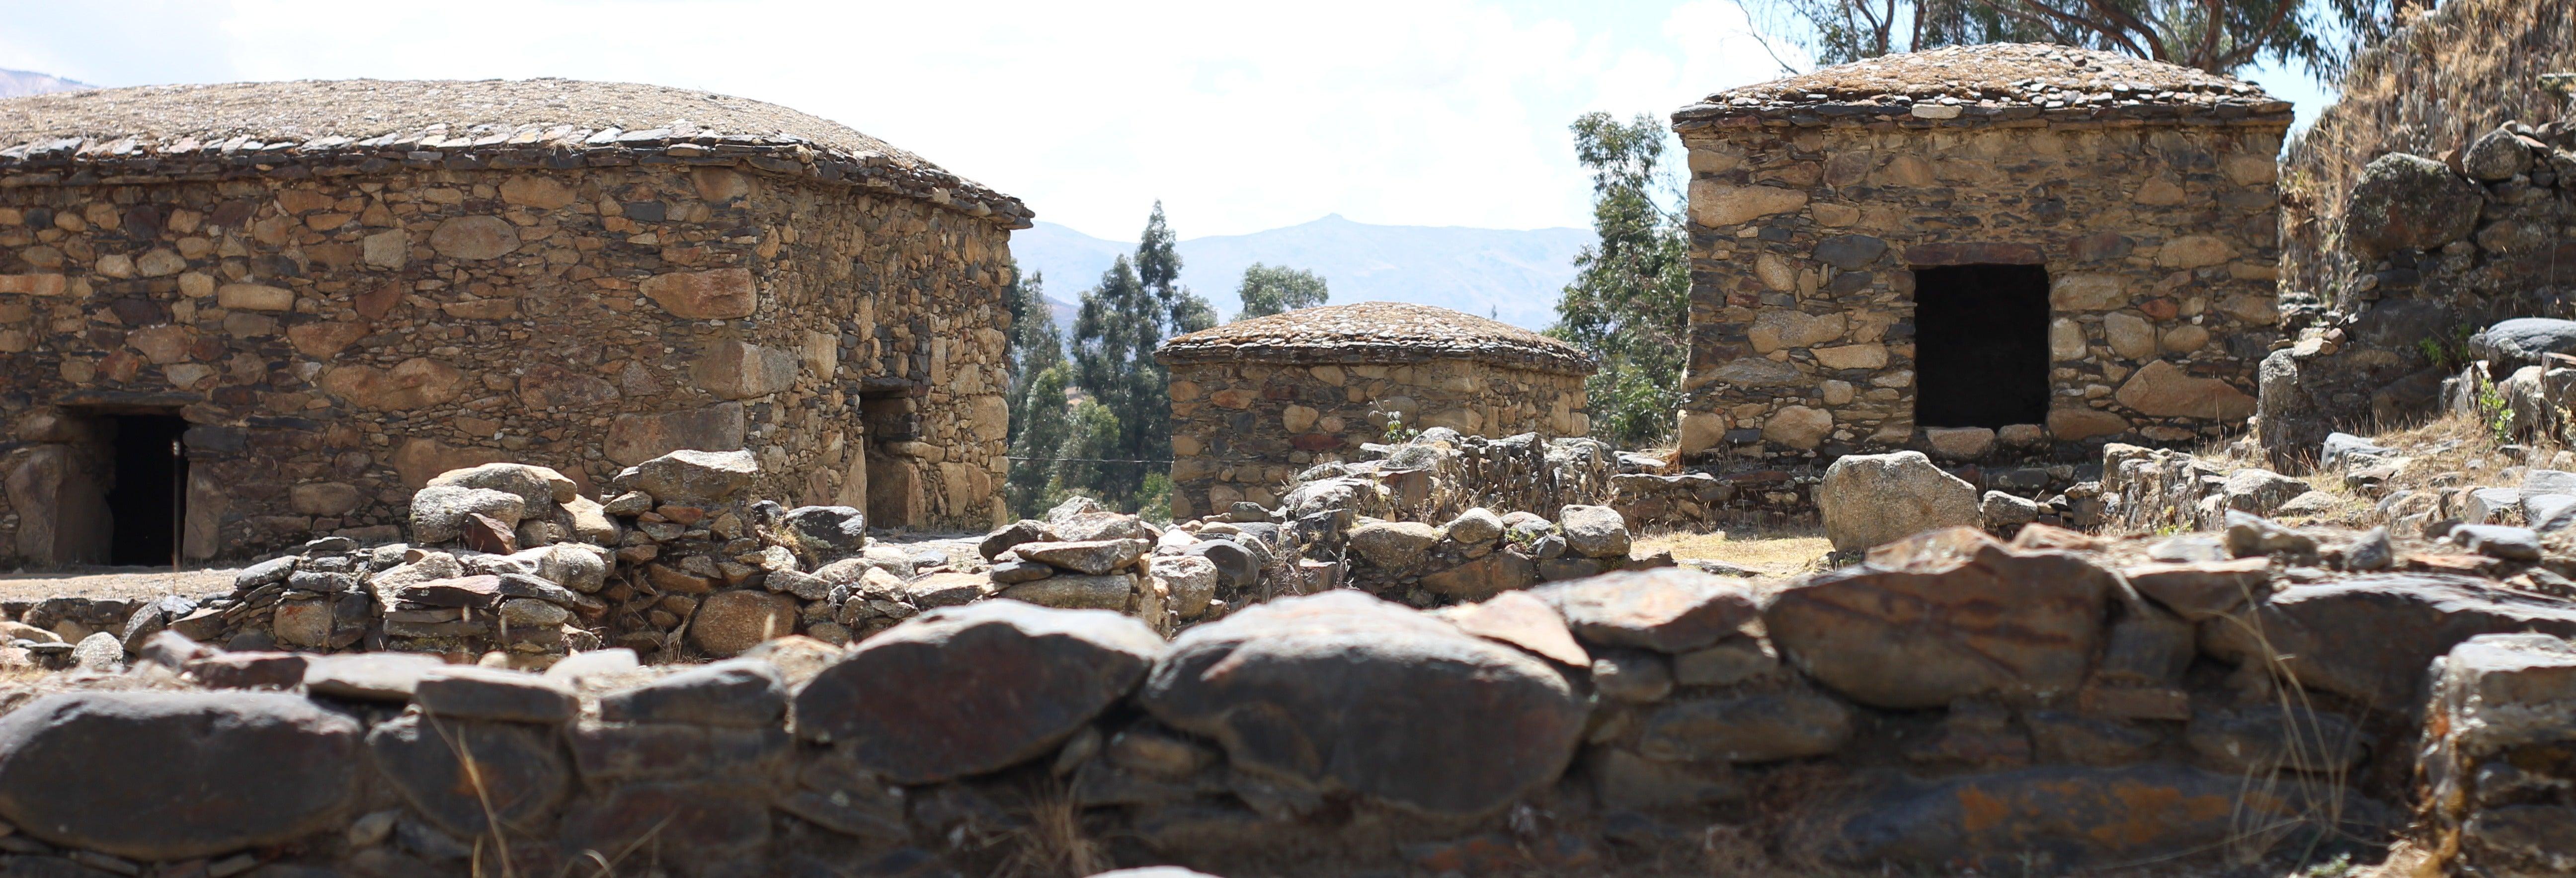 Excursão a Honcopampa + Banhos Termais de Chancos